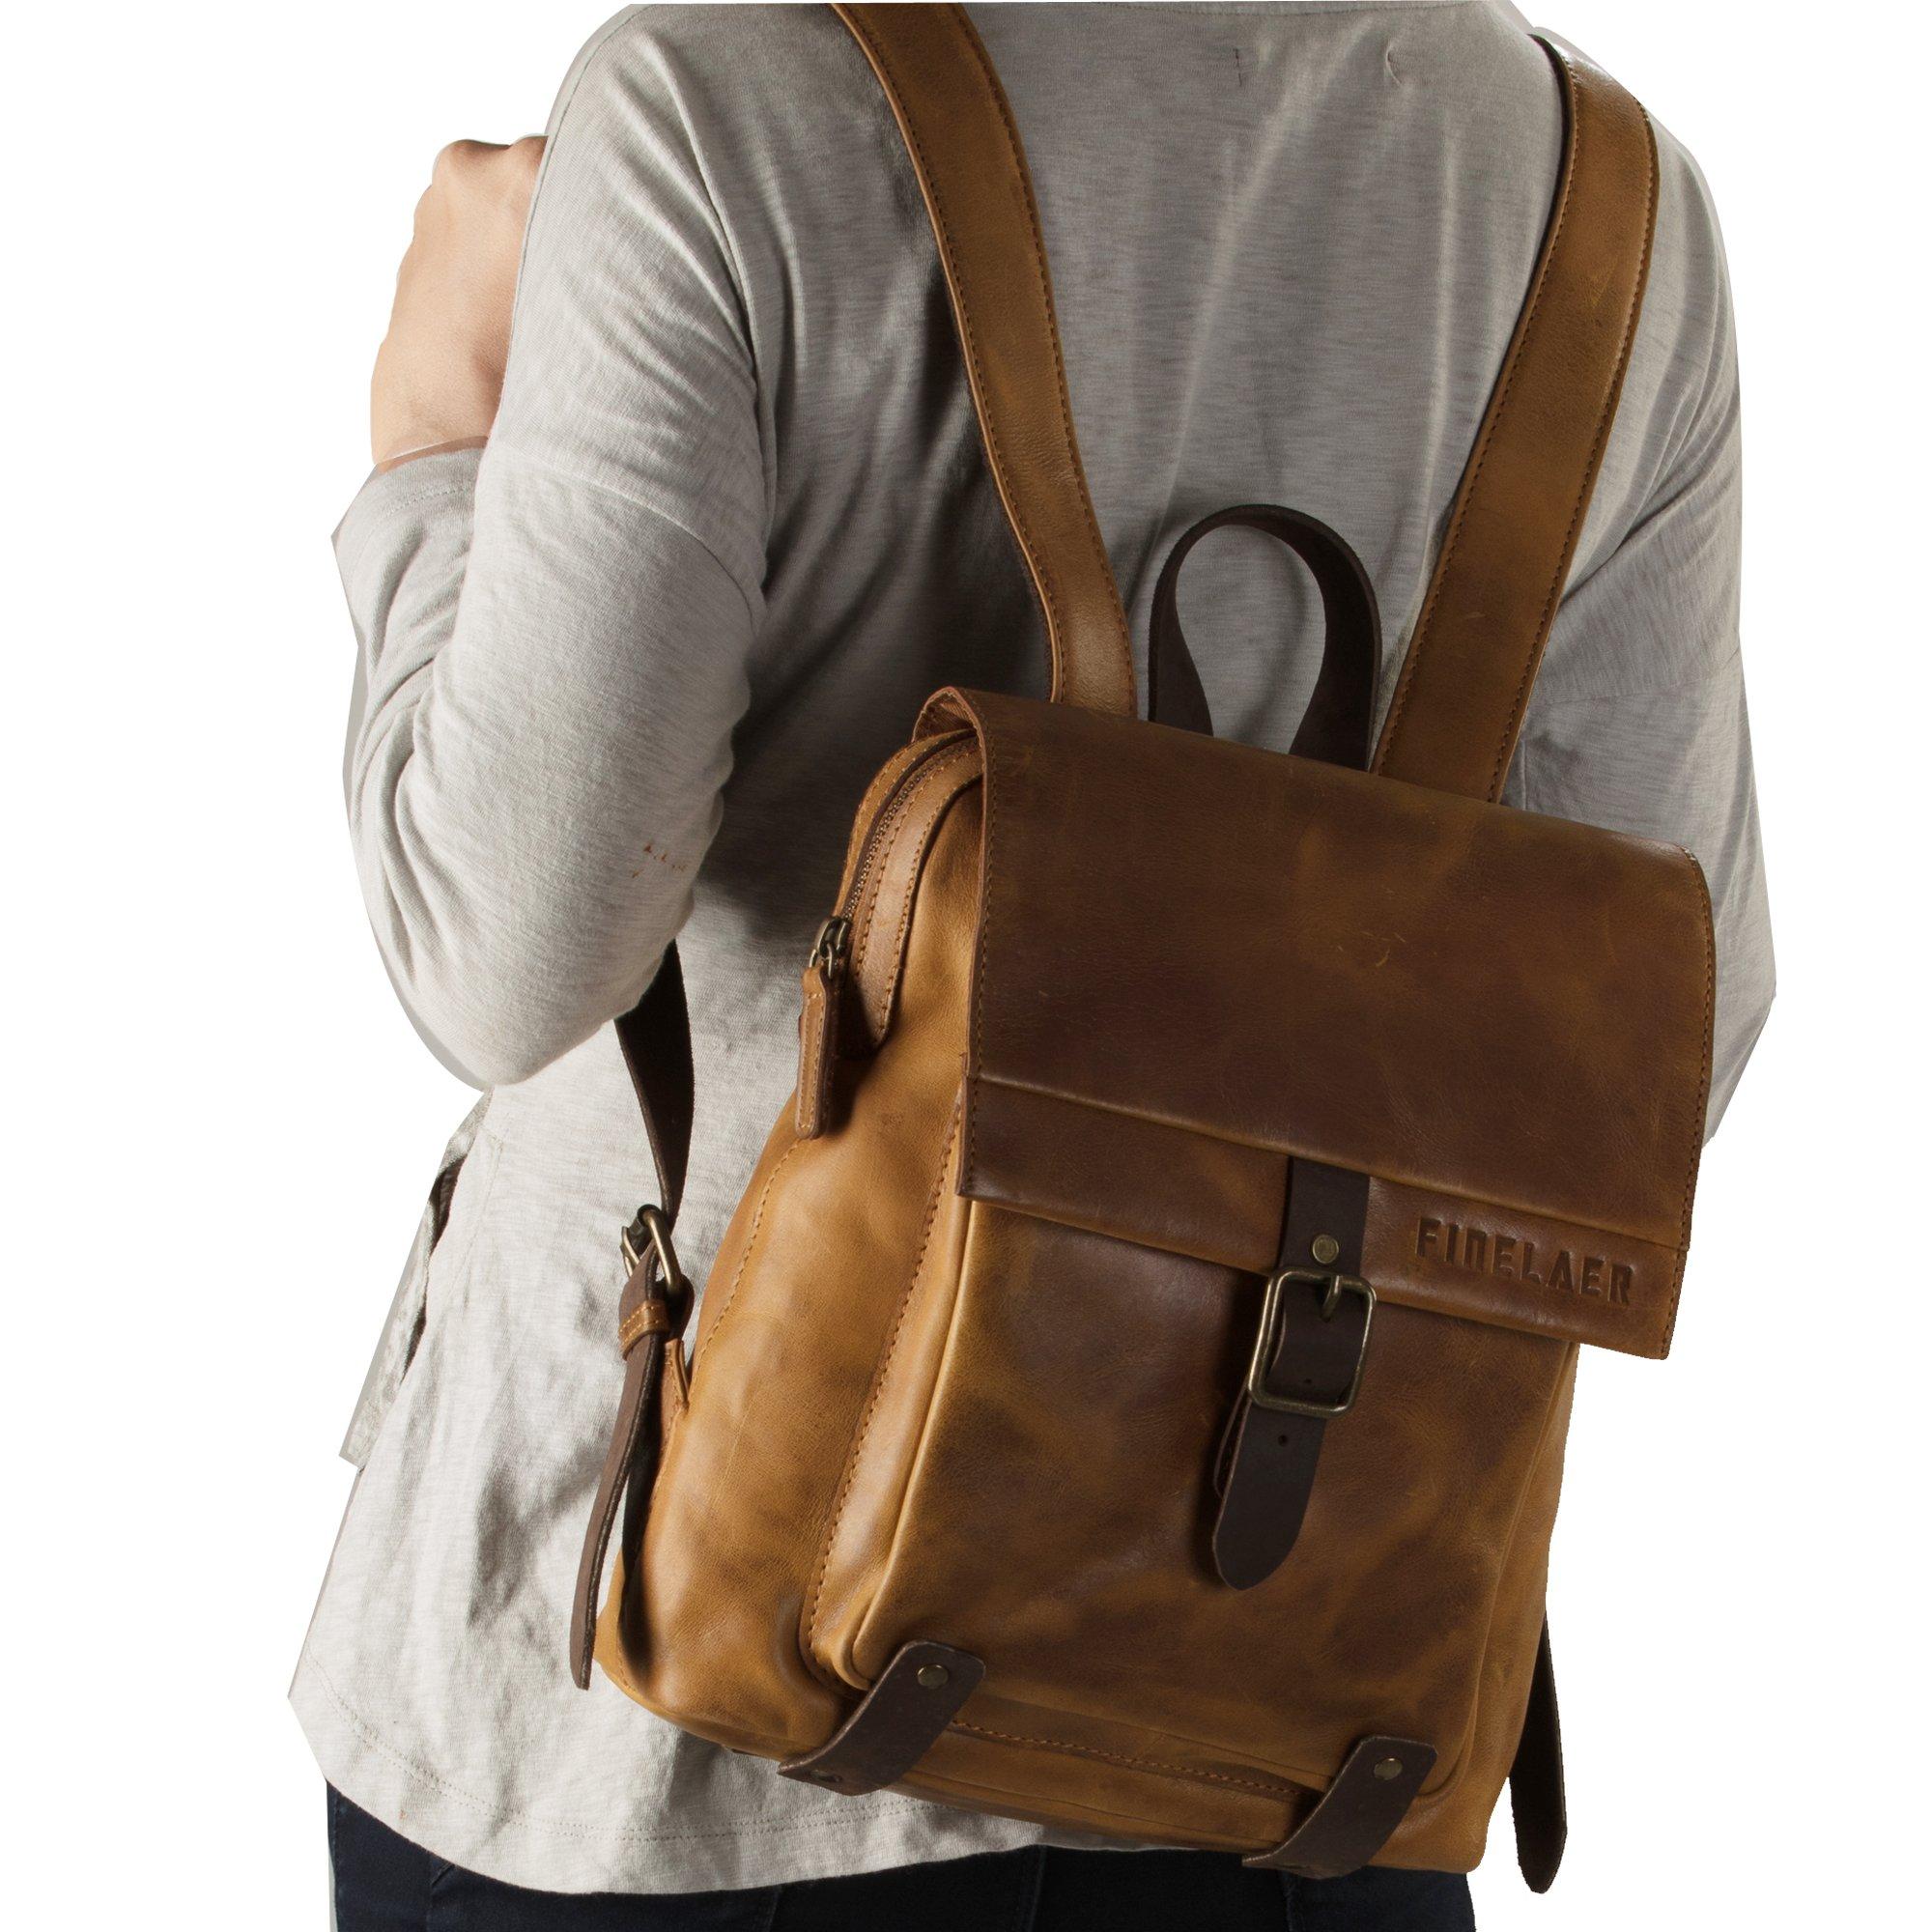 Finelaer Vintage Genuine Leather Backpack DayPack Travel College Bag Brown Men Women by FINELAER (Image #3)